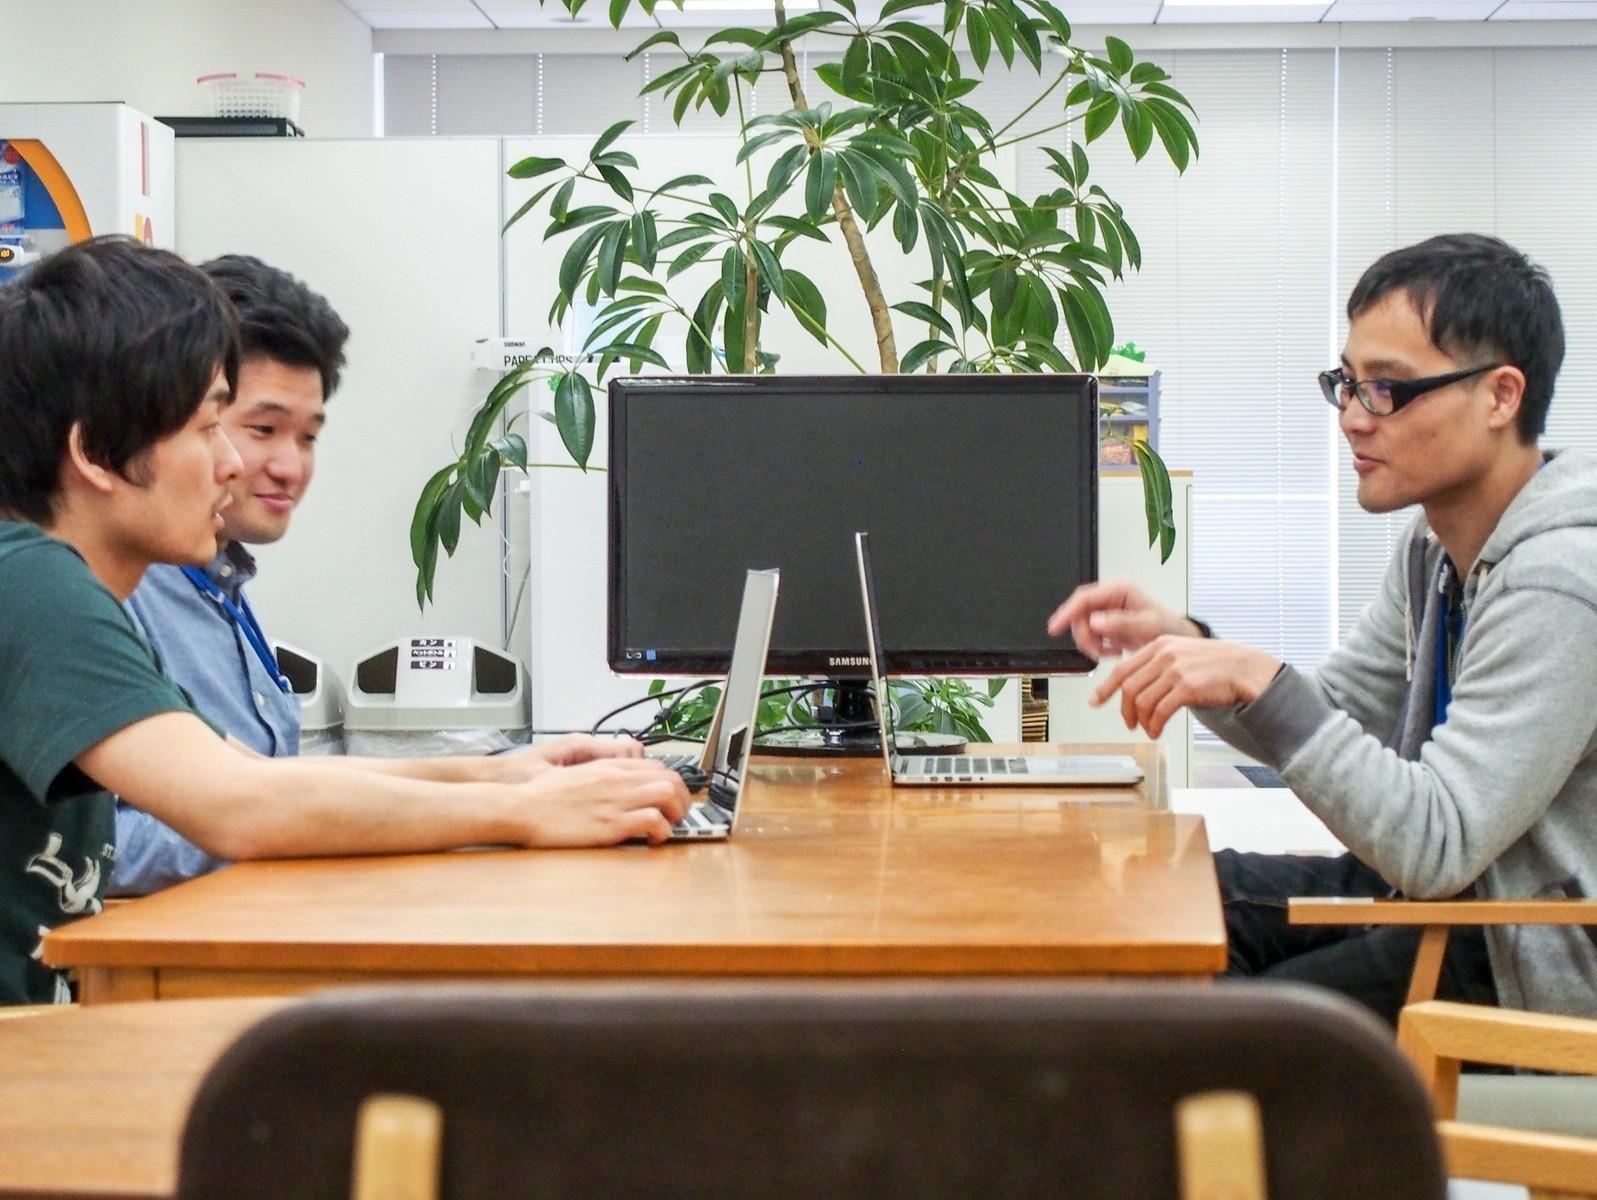 [CTO面接確約]100%自社プロダクトで自分をさらに成長させ、業界を変える!WEBアプリエンジニア(プロダクト導入)